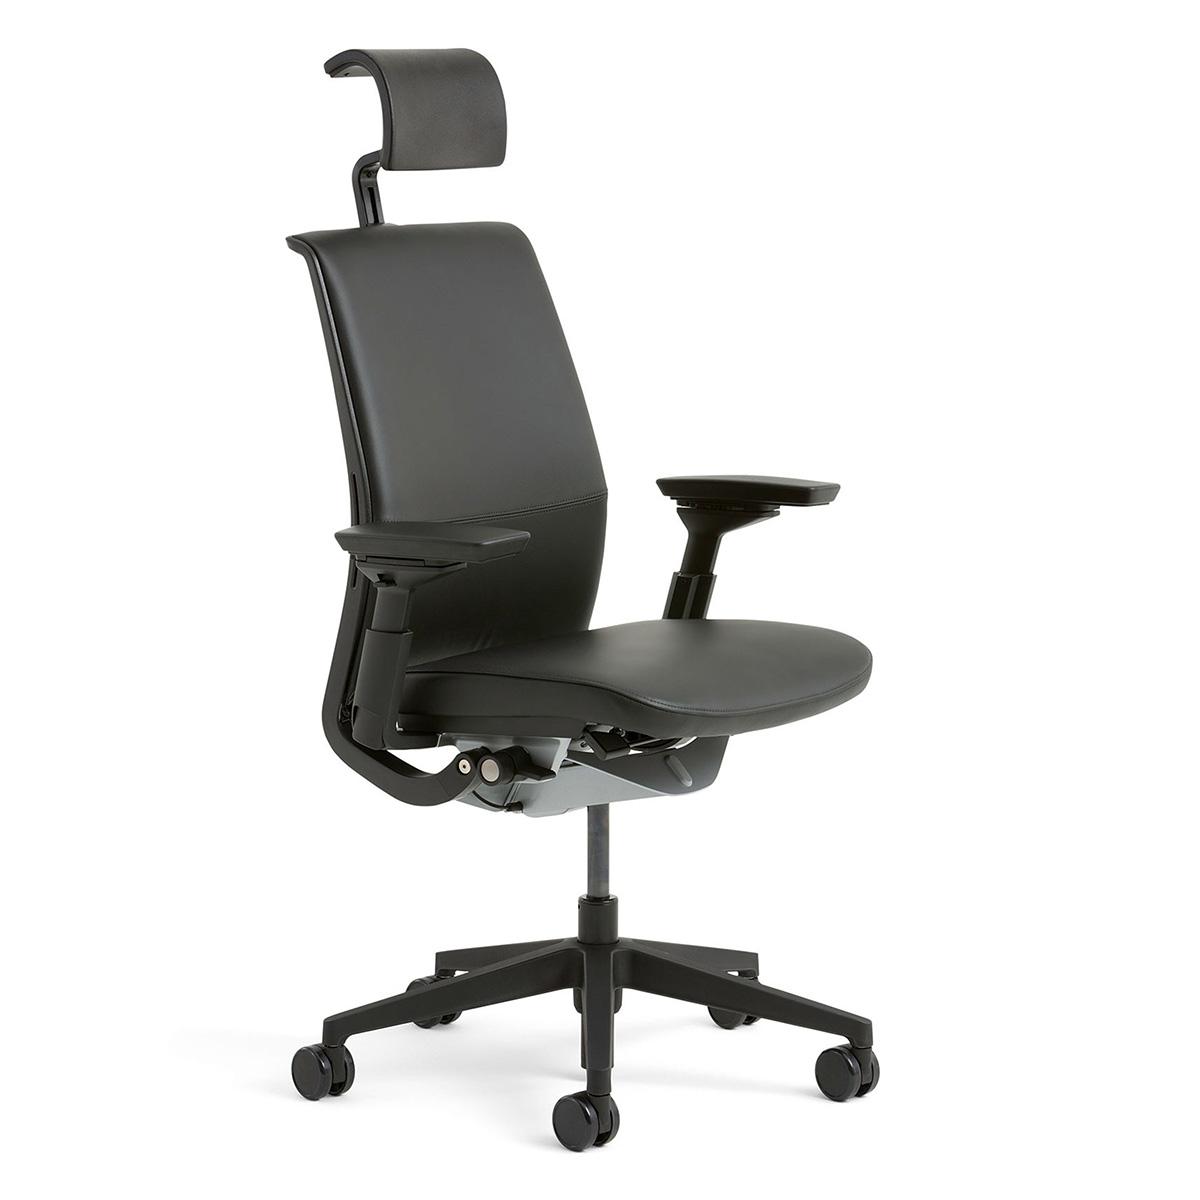 Steelcase THINK ergonomischer Arbeitsstuhl, Rücken und Sitz gepolstert